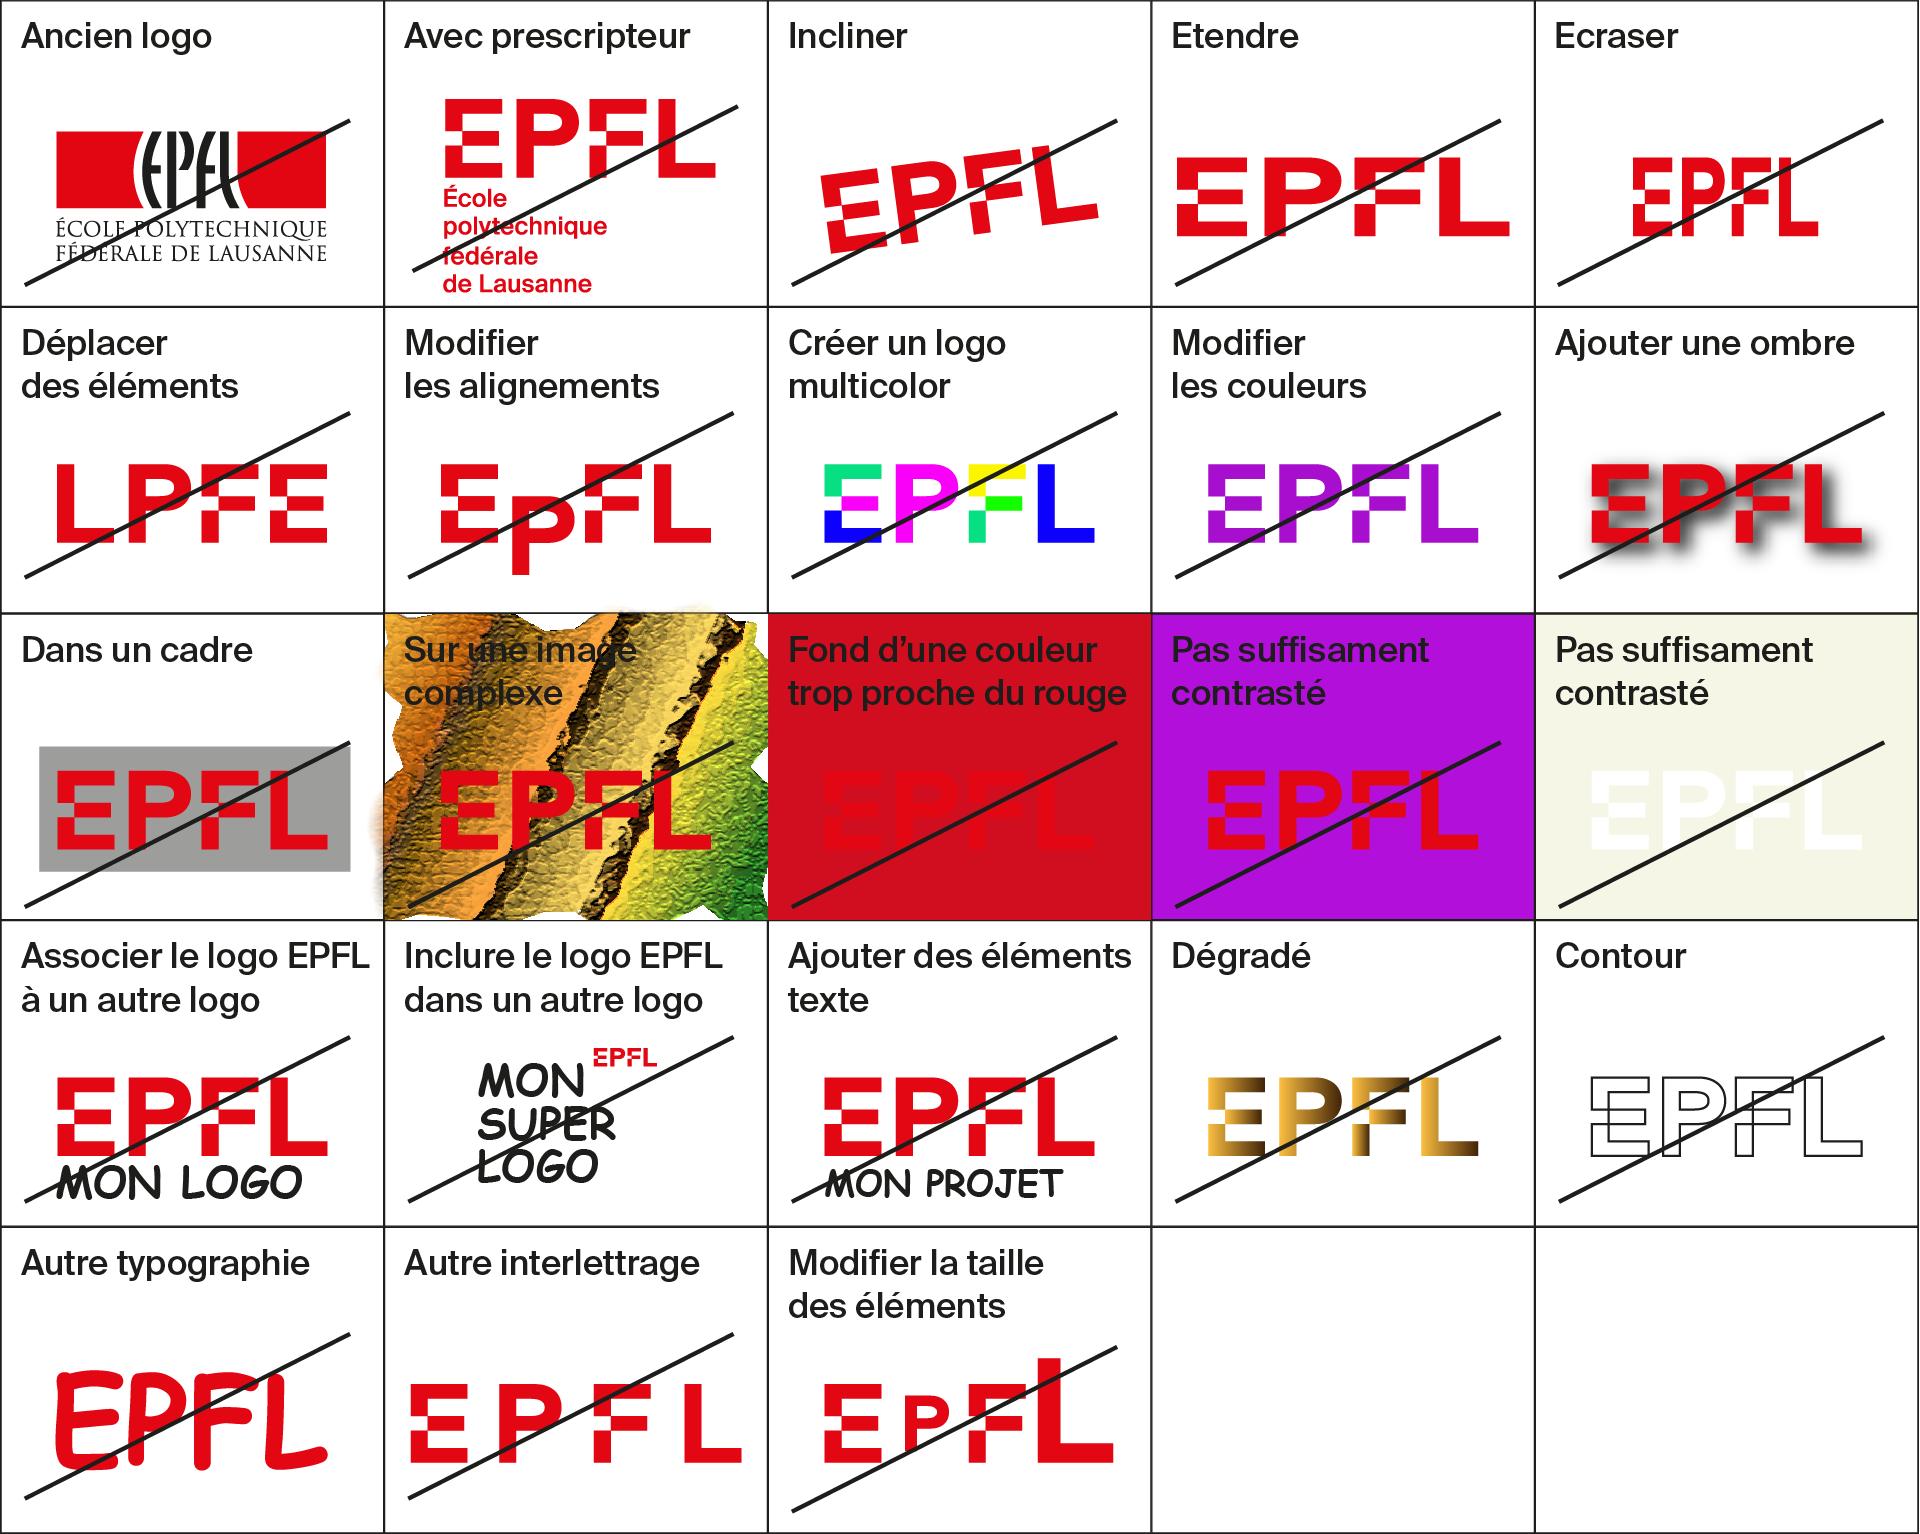 Utilisations interdites du nouveau logo EPFL